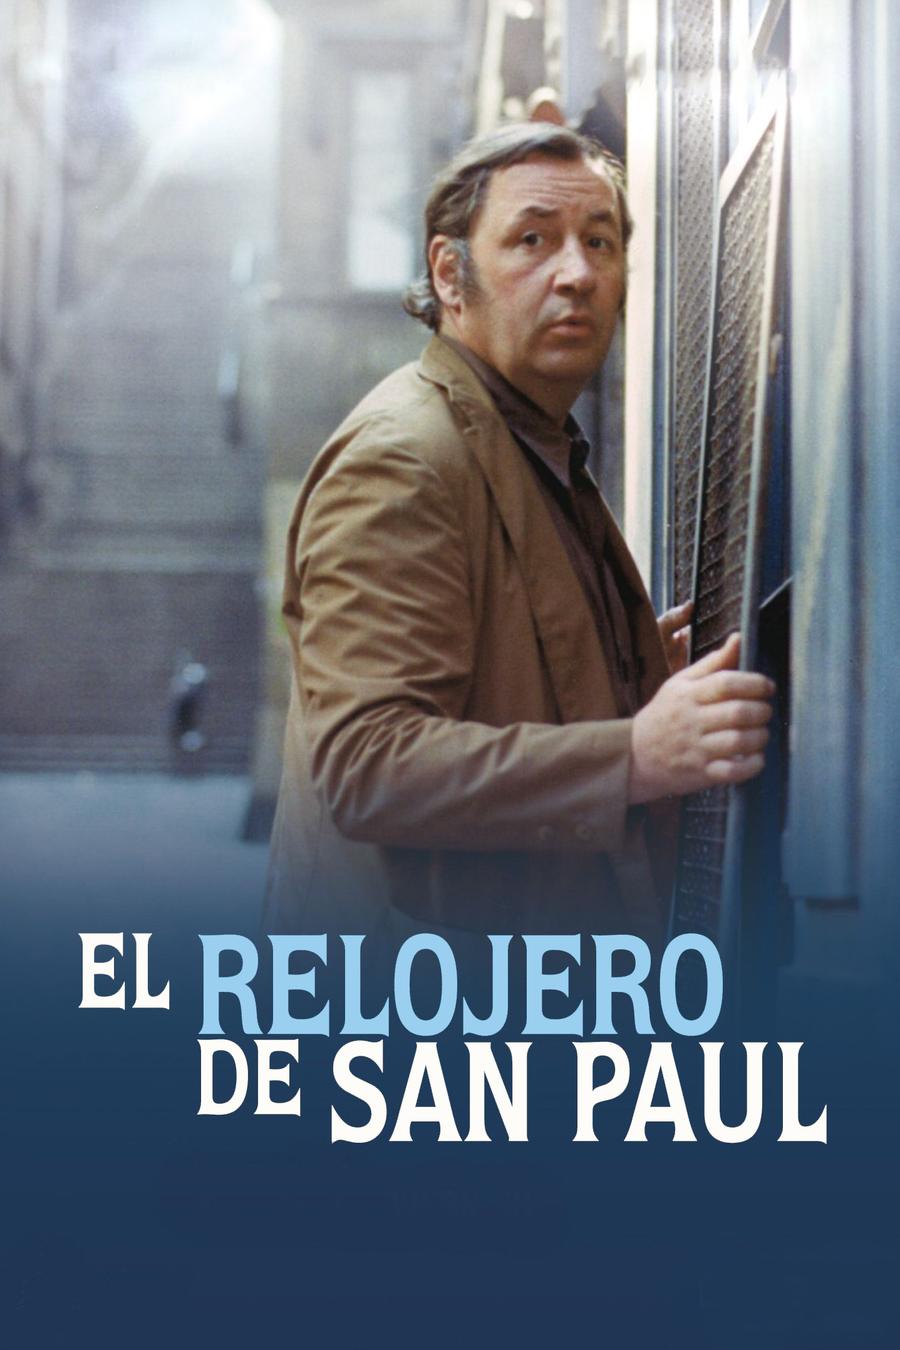 El relojero de San Paul